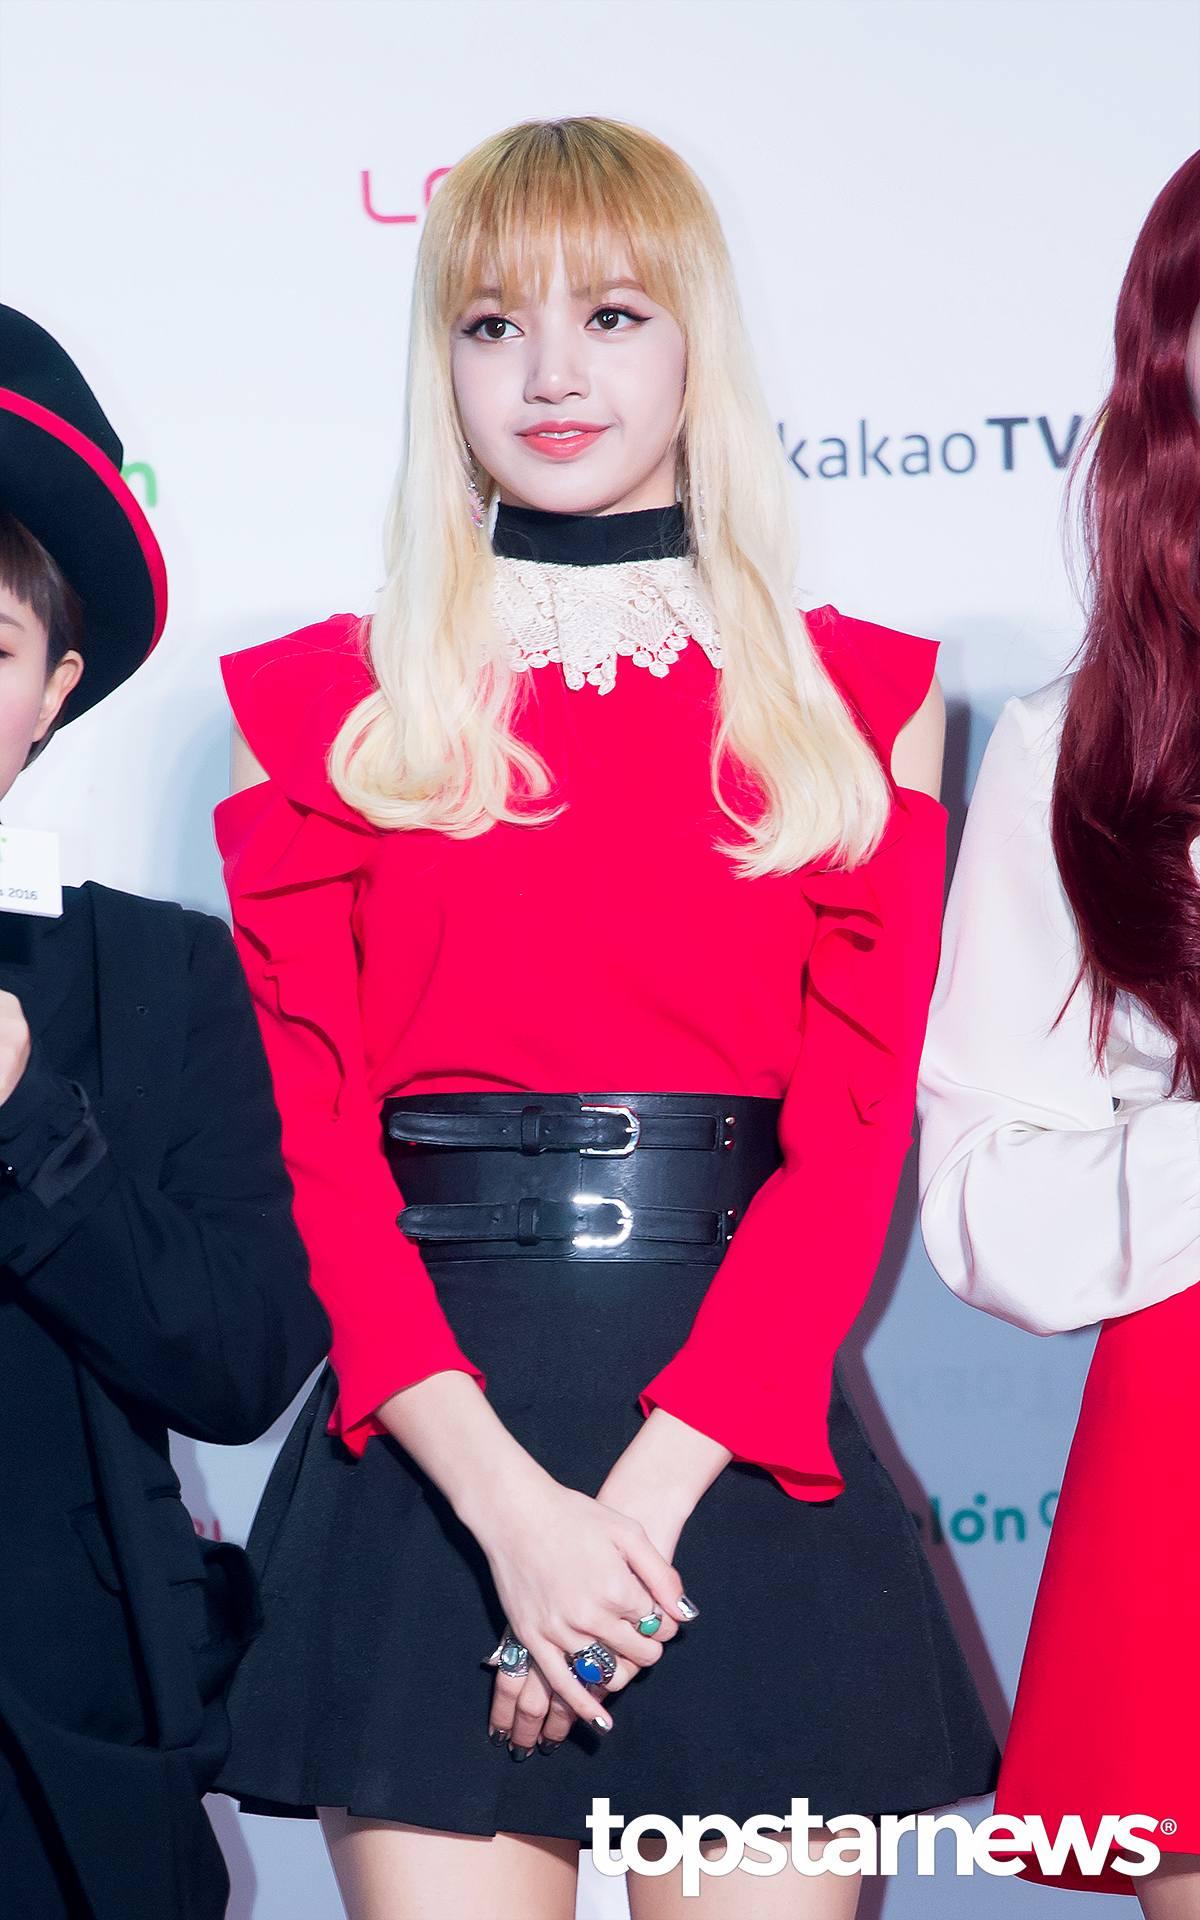 BLACKPINK  Lisa 也是從小就開始跳舞的BLACKPINK  Lisa! Lisa跳舞的時候真的超有魅力的!!雖然身材纖瘦,但舞蹈動作可是非常有力,每次看到Lisa視線都會被她拉過去啊><